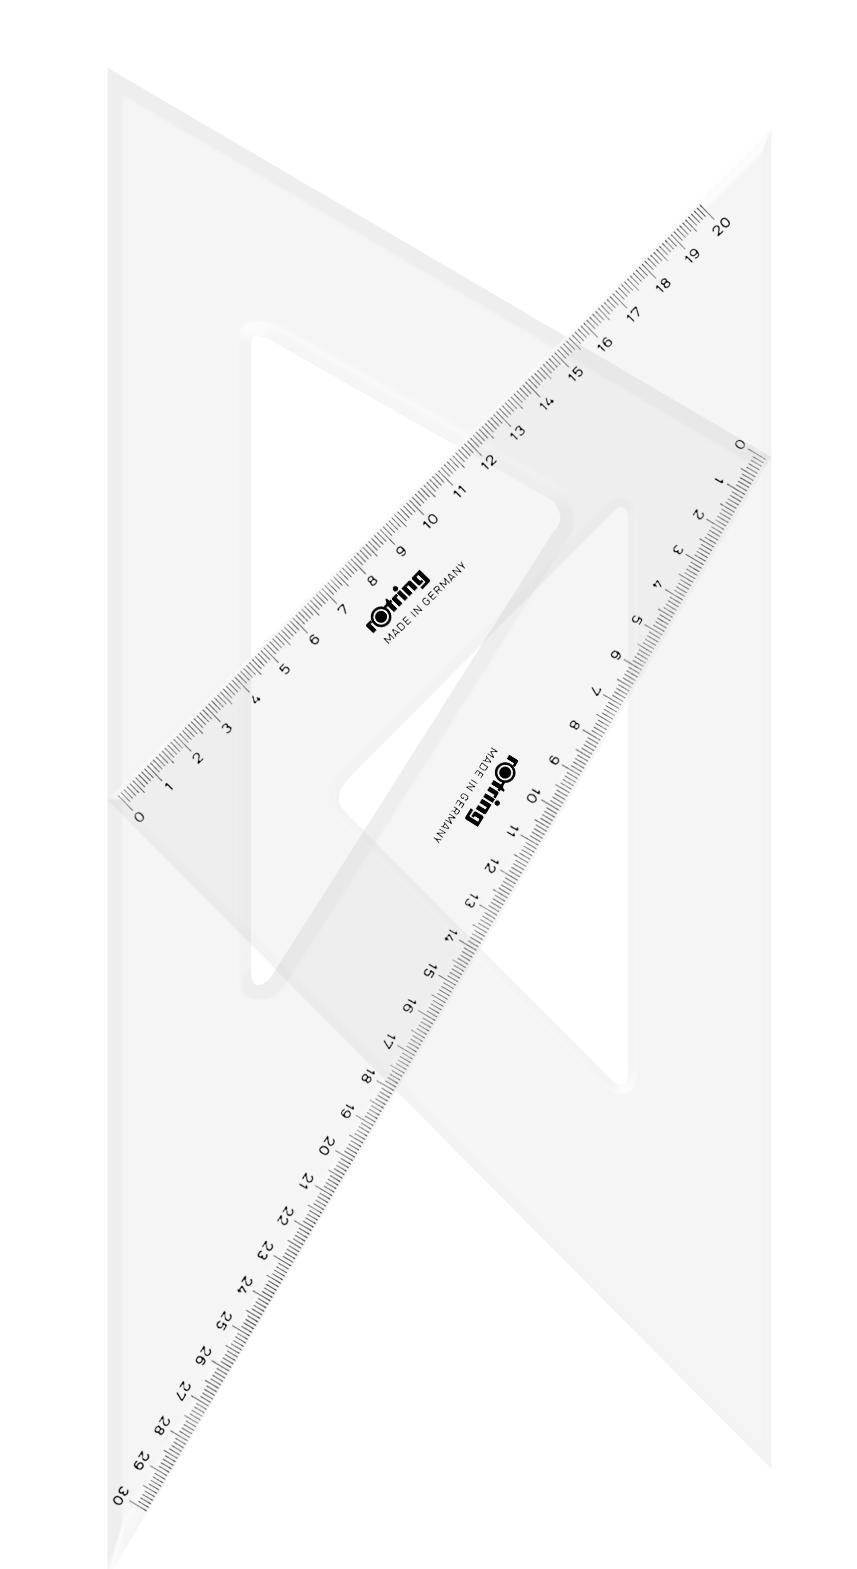 Descriere Echer, 45° si  30°/60°, 30cm, 2 buc/set, ROTRING Centro